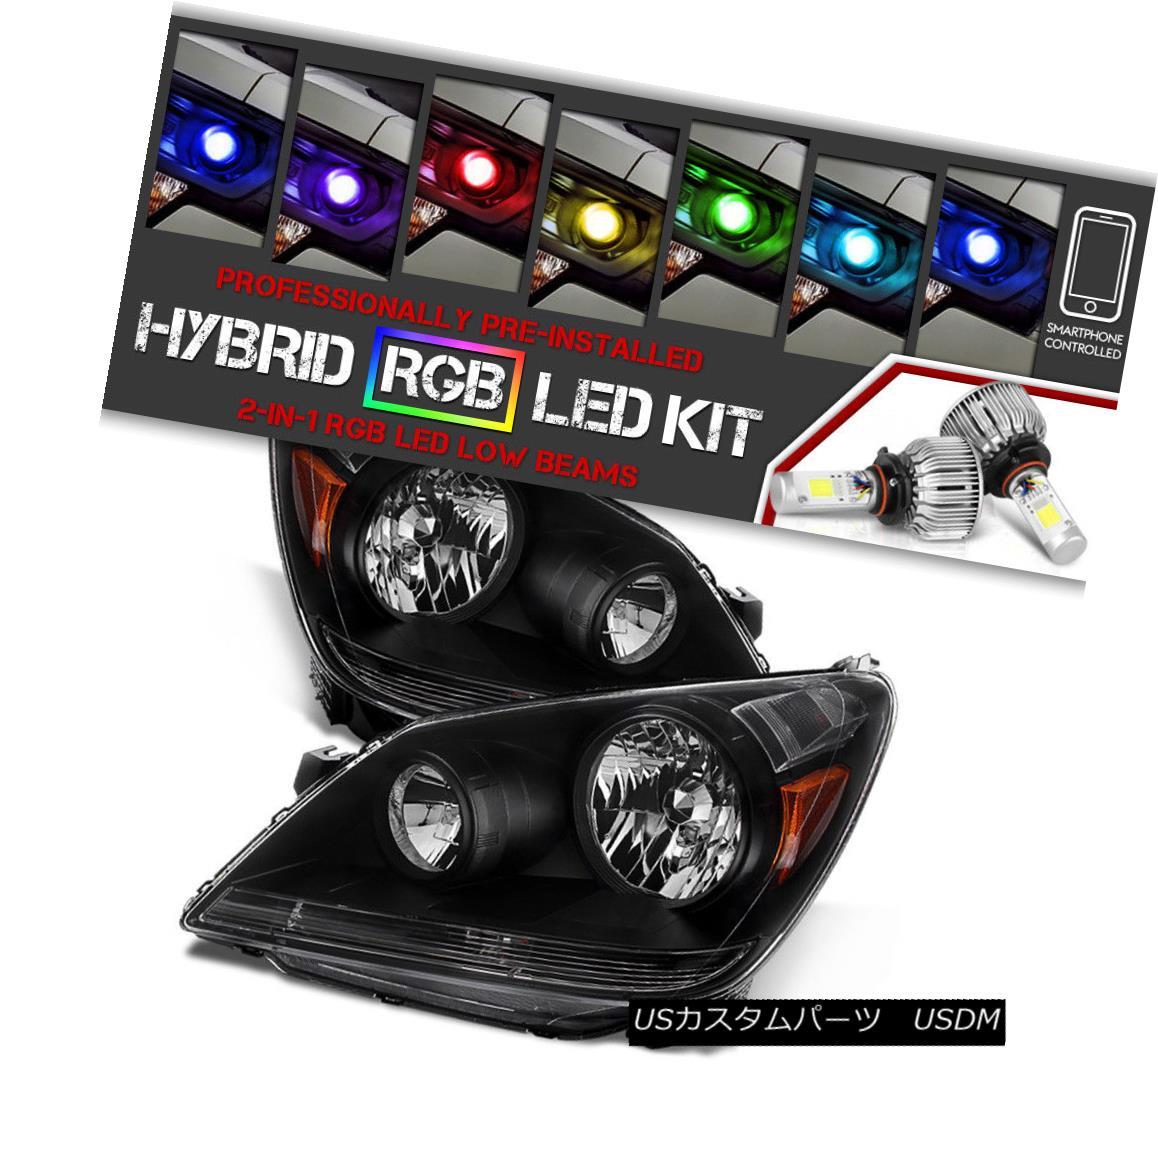 ヘッドライト [REMOTE COLOR LED LOW BEAM] 05-07 Honda Odyssey Van [JDM VIP STYLE] Headlights [REMOTE COLOR LED LOW BEAM] 05-07ホンダオデッセイヴァン[JDM VIP STYLE]ヘッドライト